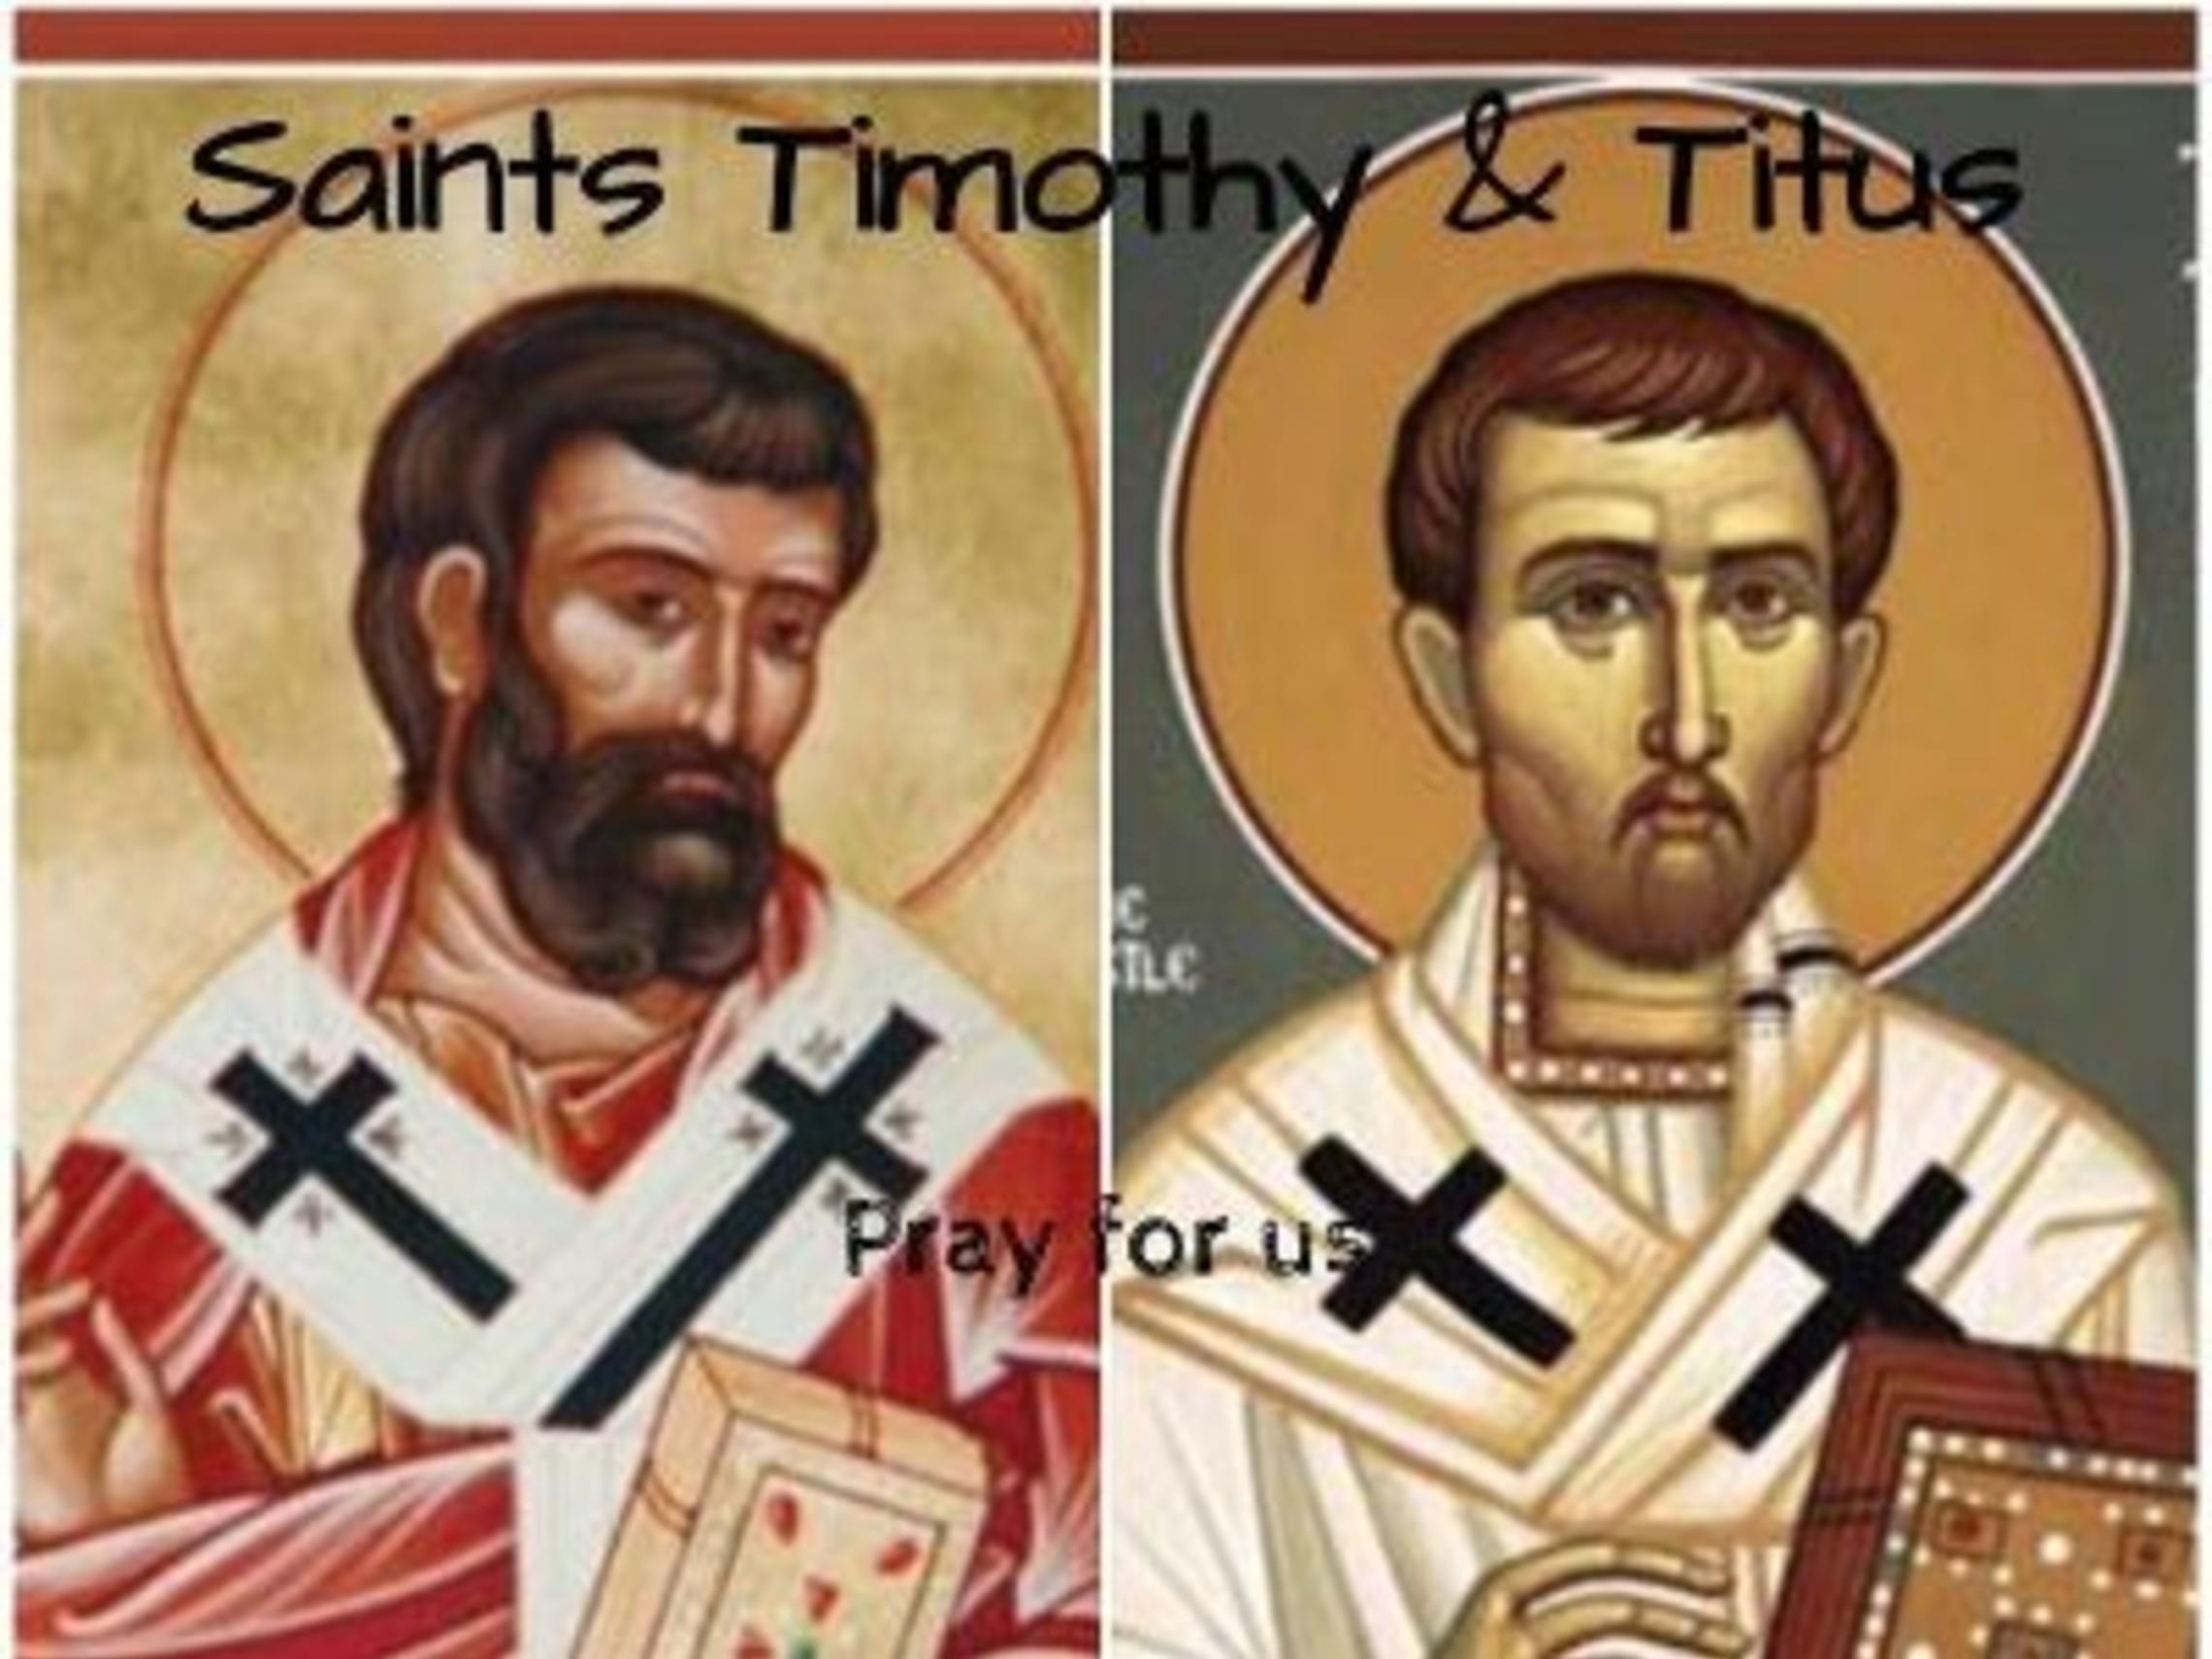 Tim And Titus 1